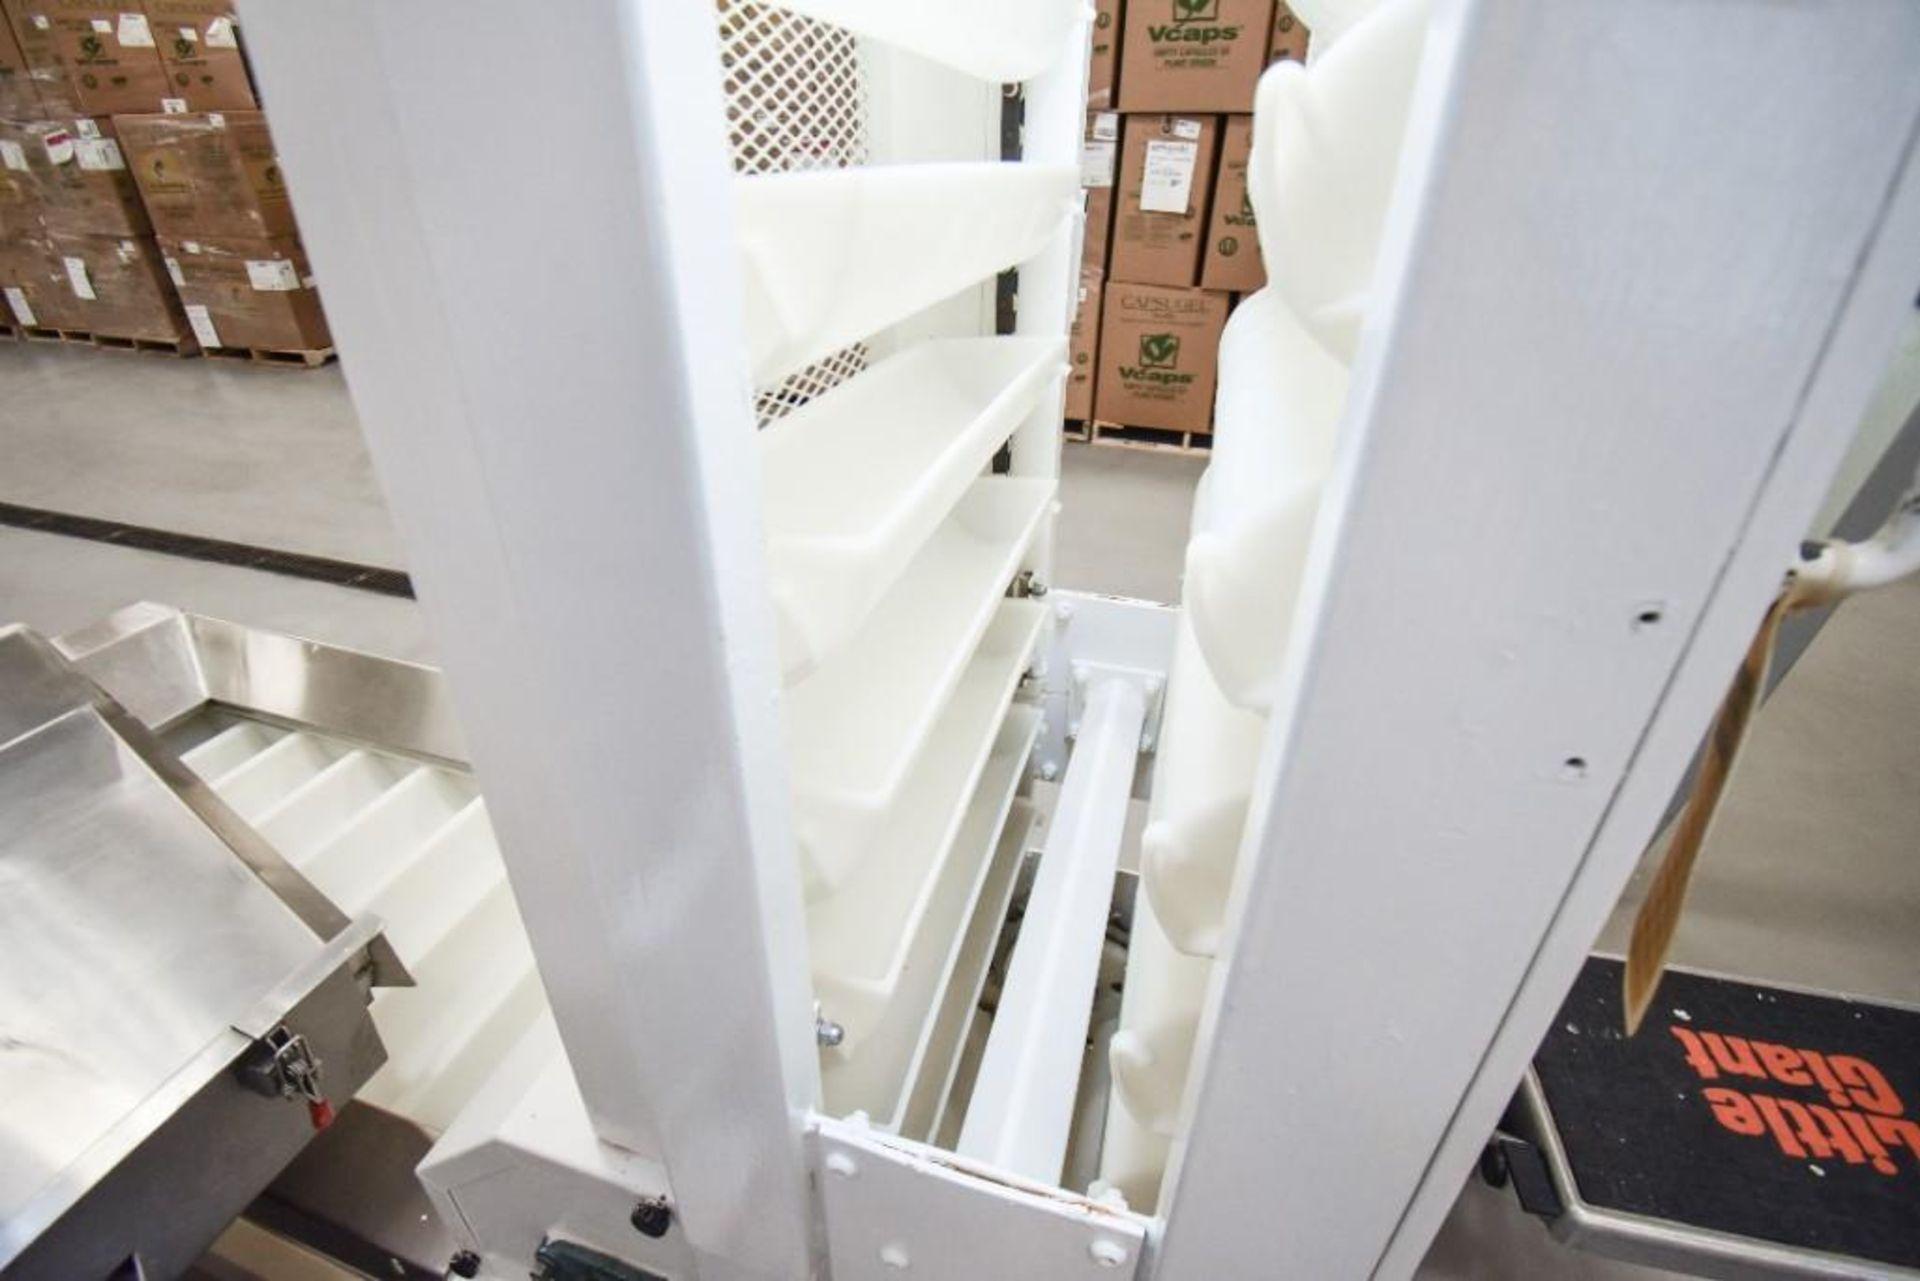 RBM Bucket Elevator LD100-18 - Image 5 of 8